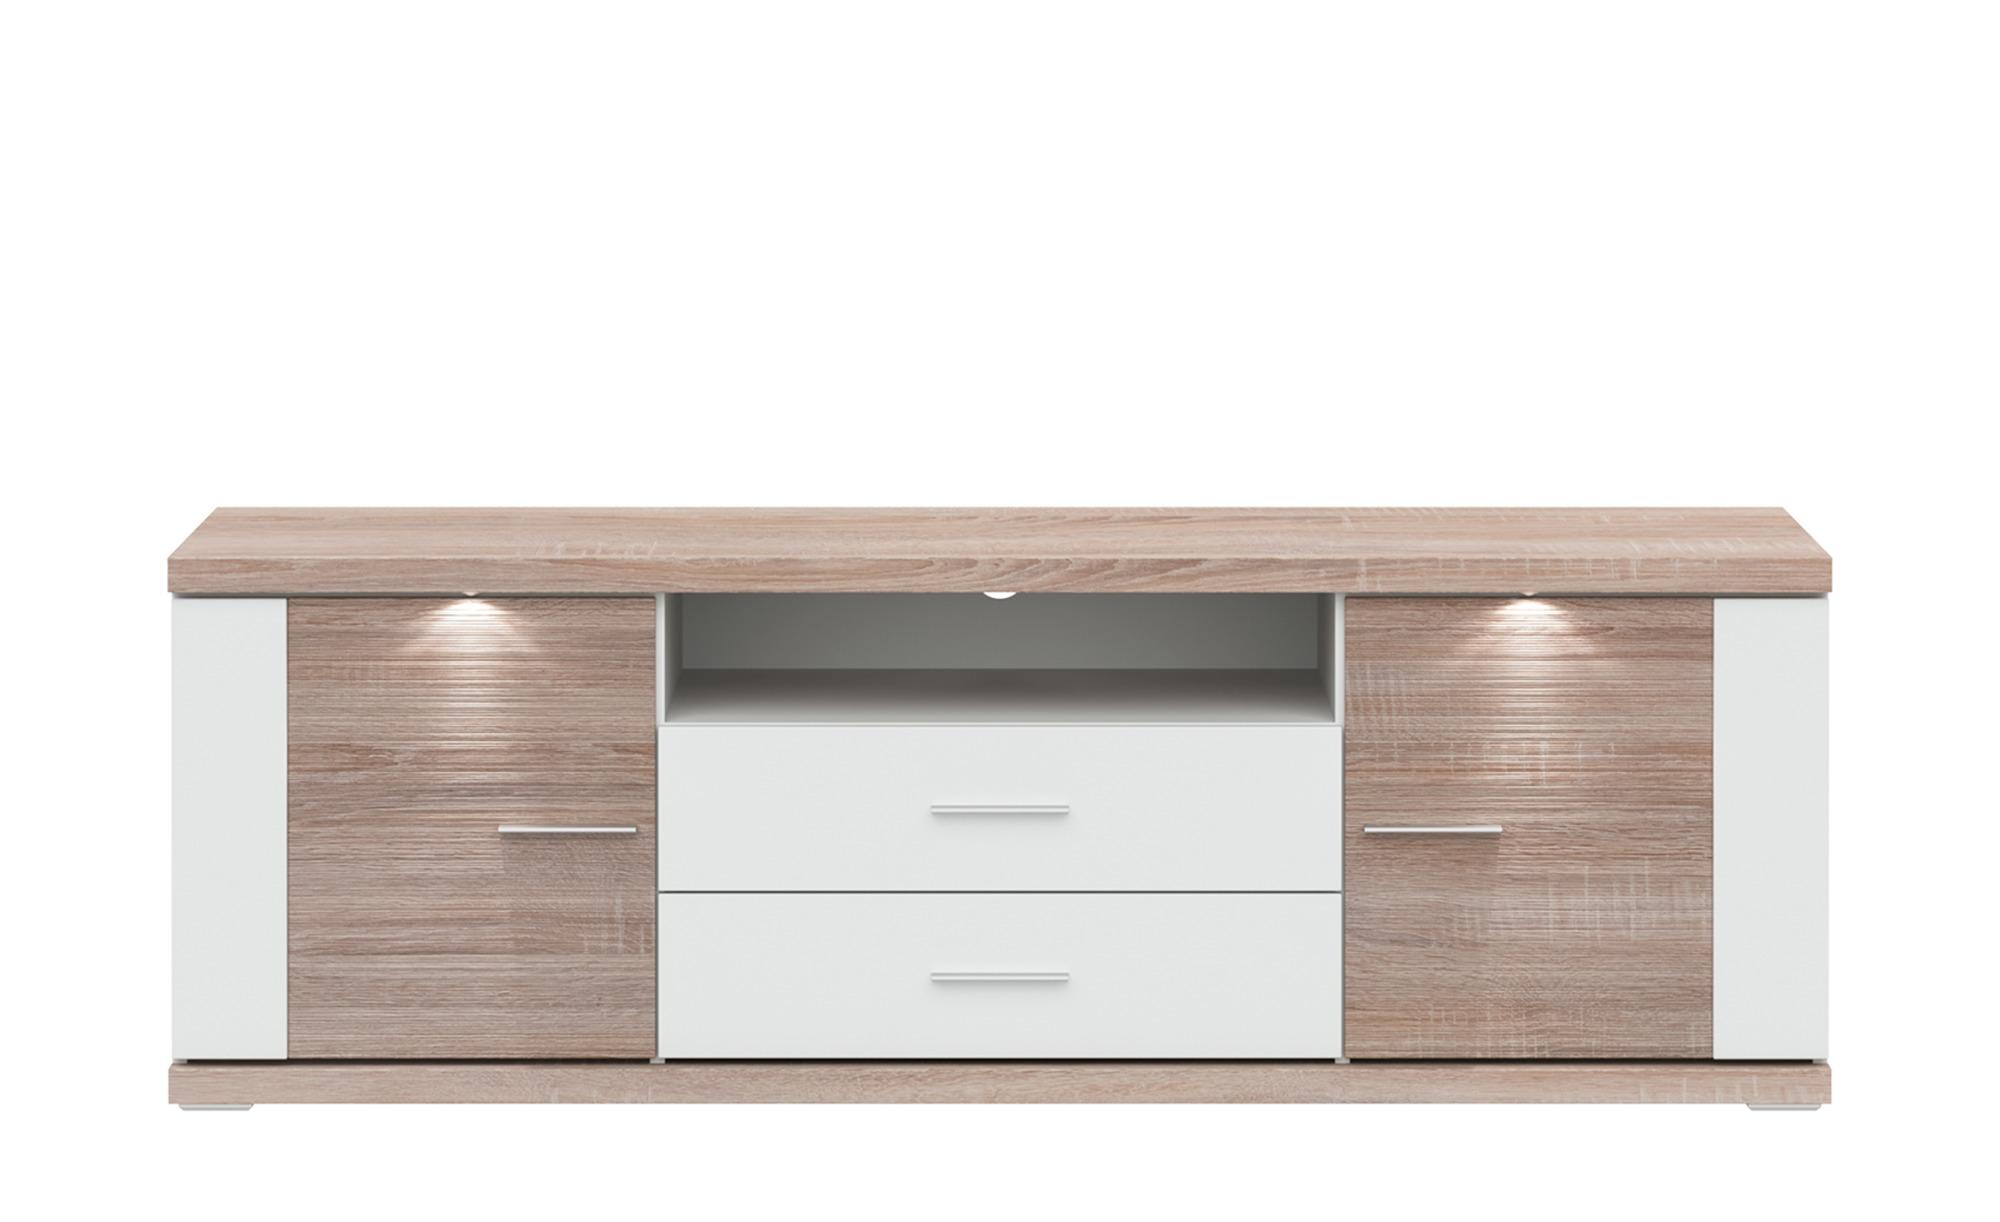 uno Lowboard   Titan - 180 cm - 60 cm - 52 cm - Kommoden & Sideboards > Lowboards - Möbel Kraft | Wohnzimmer > Schränke > Lowboards | uno